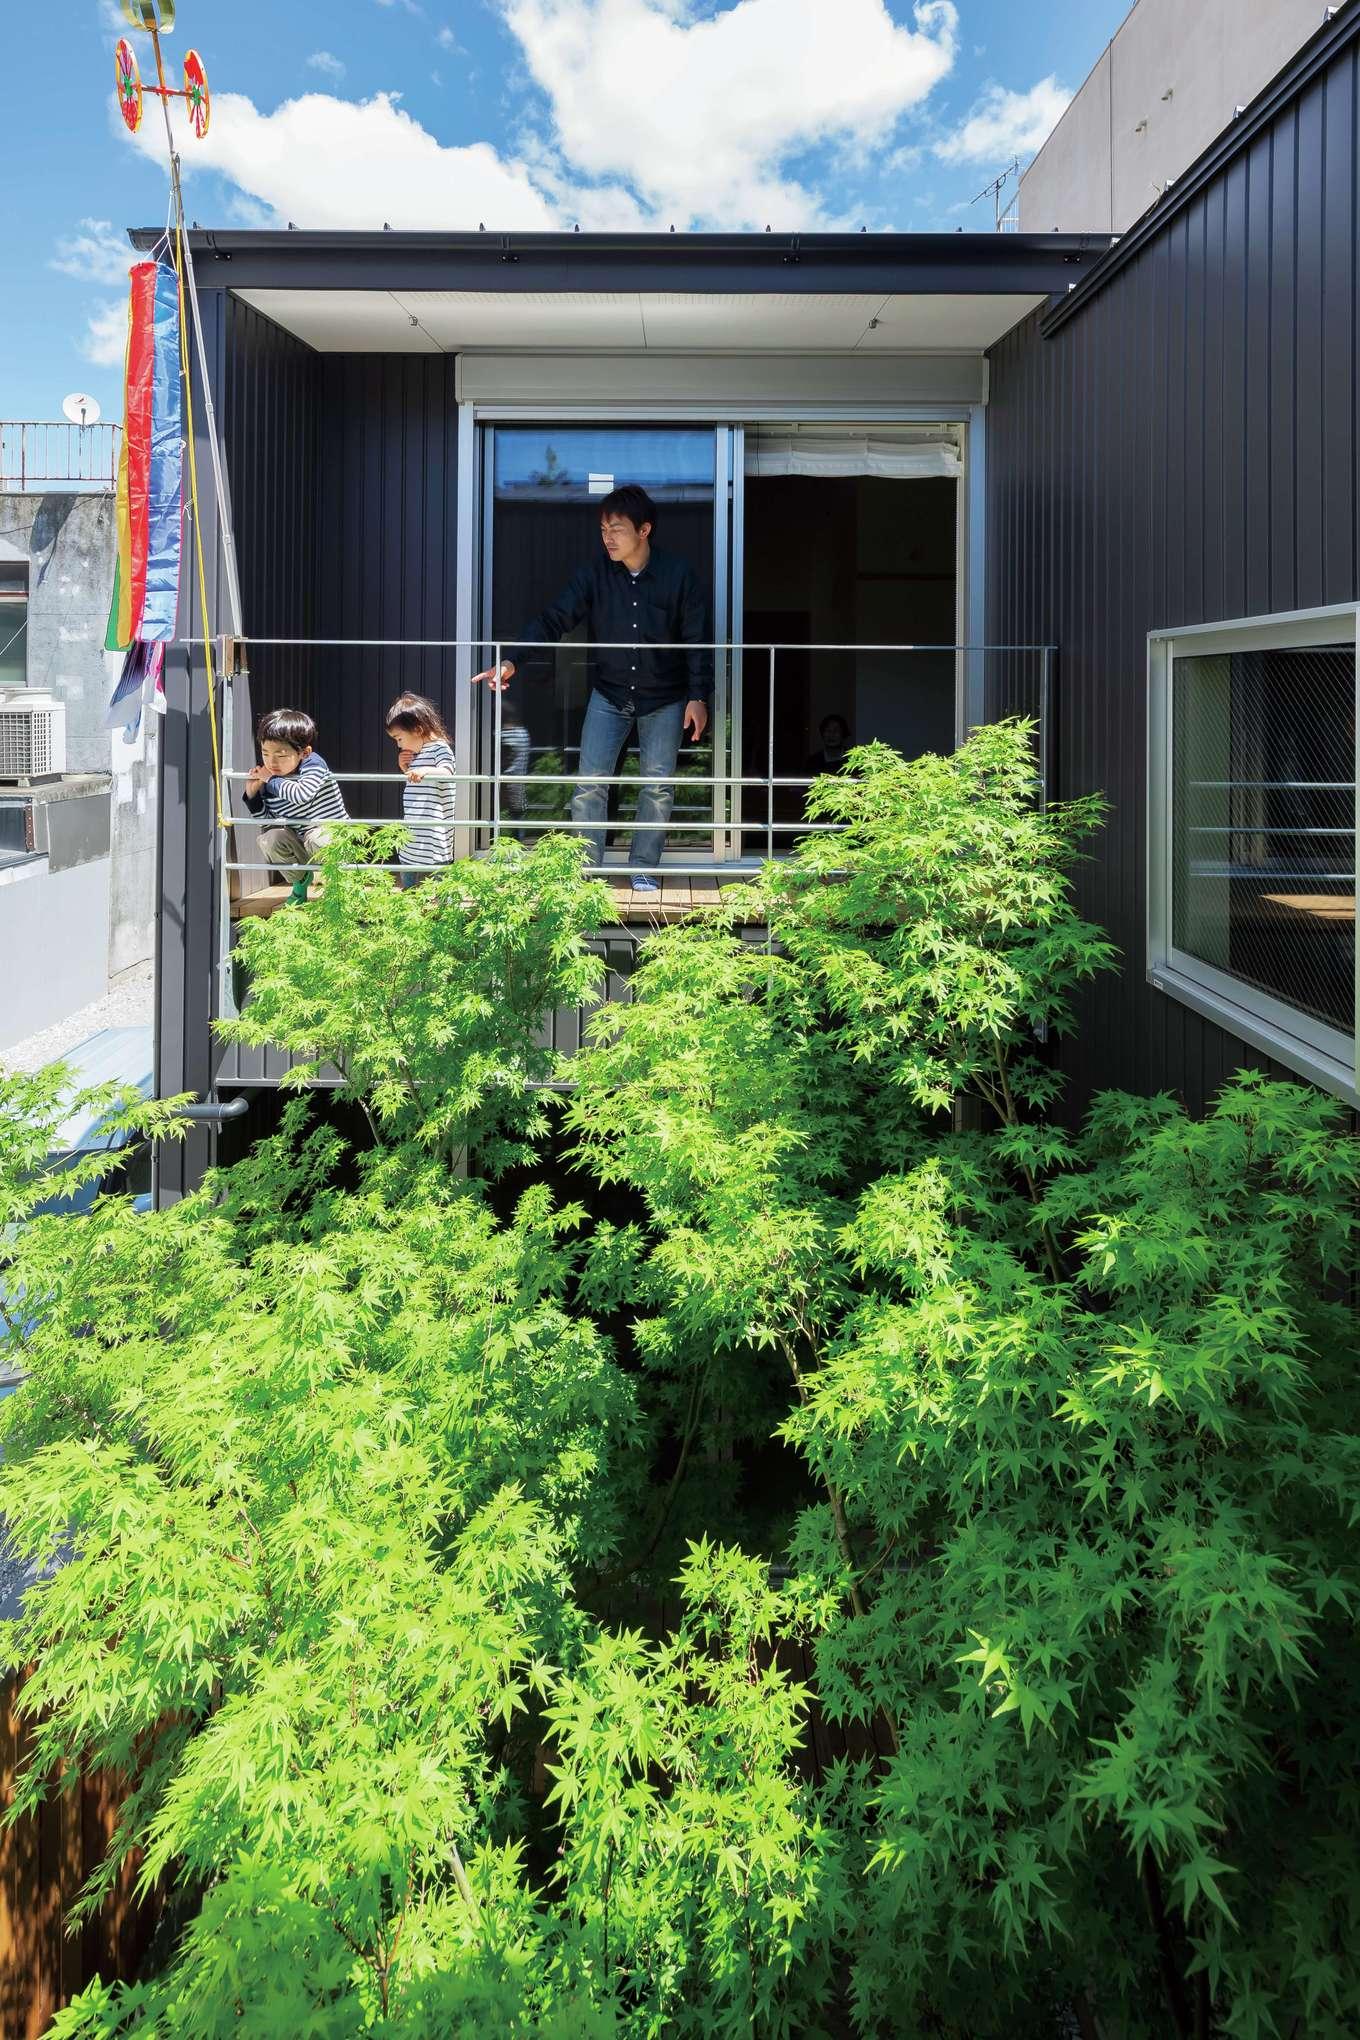 中庭を囲むようにコの字型に配置された2階の子世帯。ベランダからヒヨドリの巣が見えて、子どもたちも興味津々